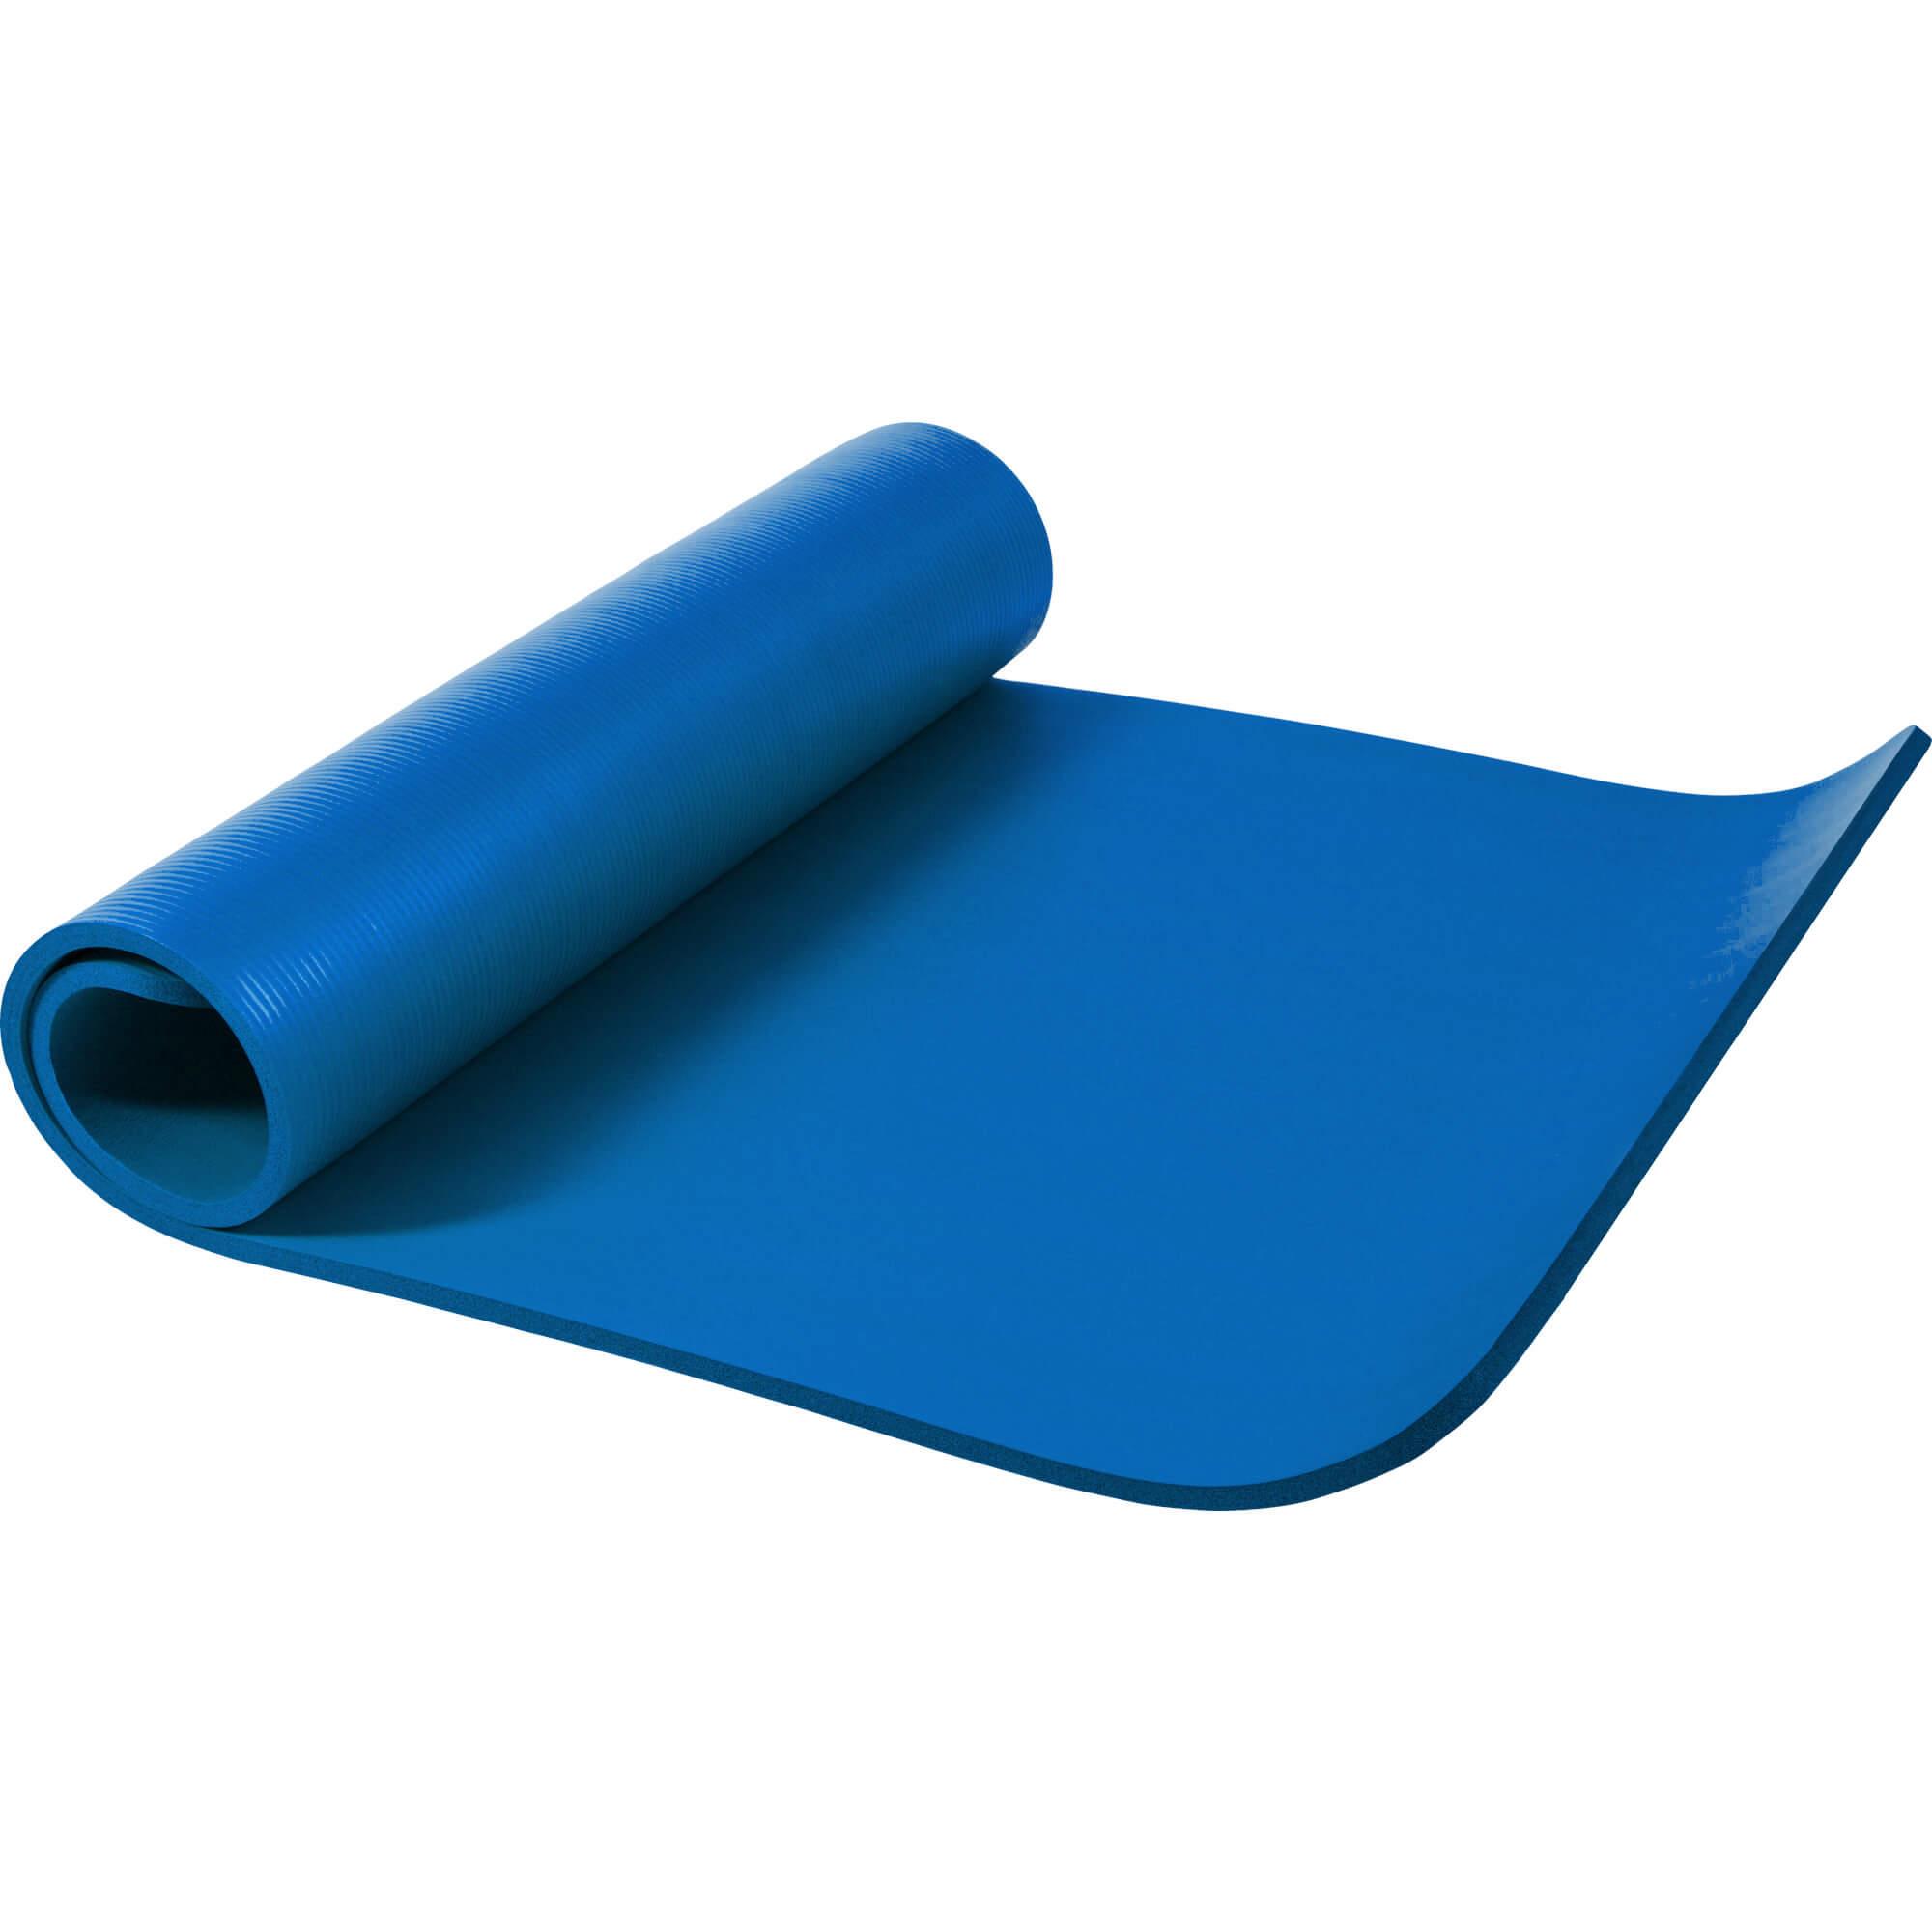 Yogamatte Royal 190 x 100 x 1,5 cm